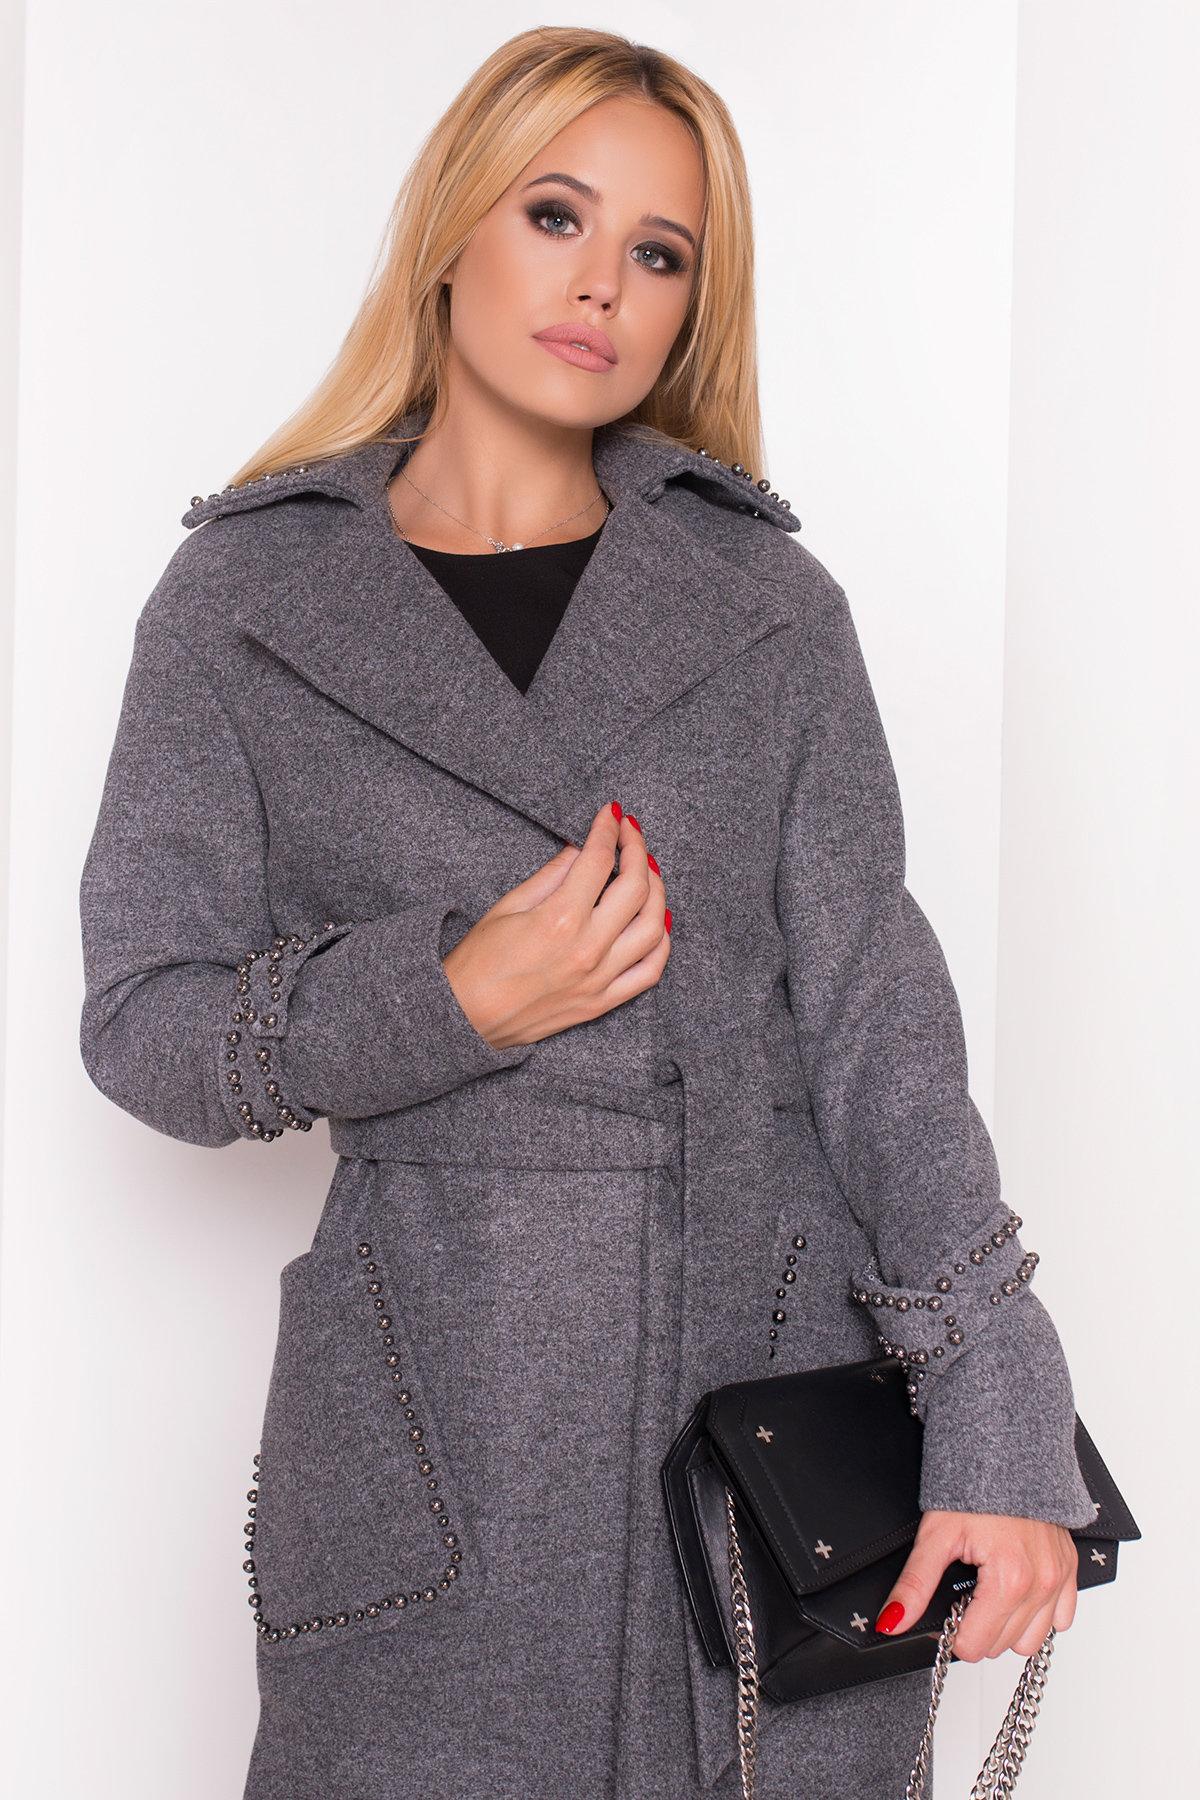 Кашемировое демисезонное пальто с декором Алина 5248 АРТ. 36624 Цвет: Серый Темный - фото 4, интернет магазин tm-modus.ru